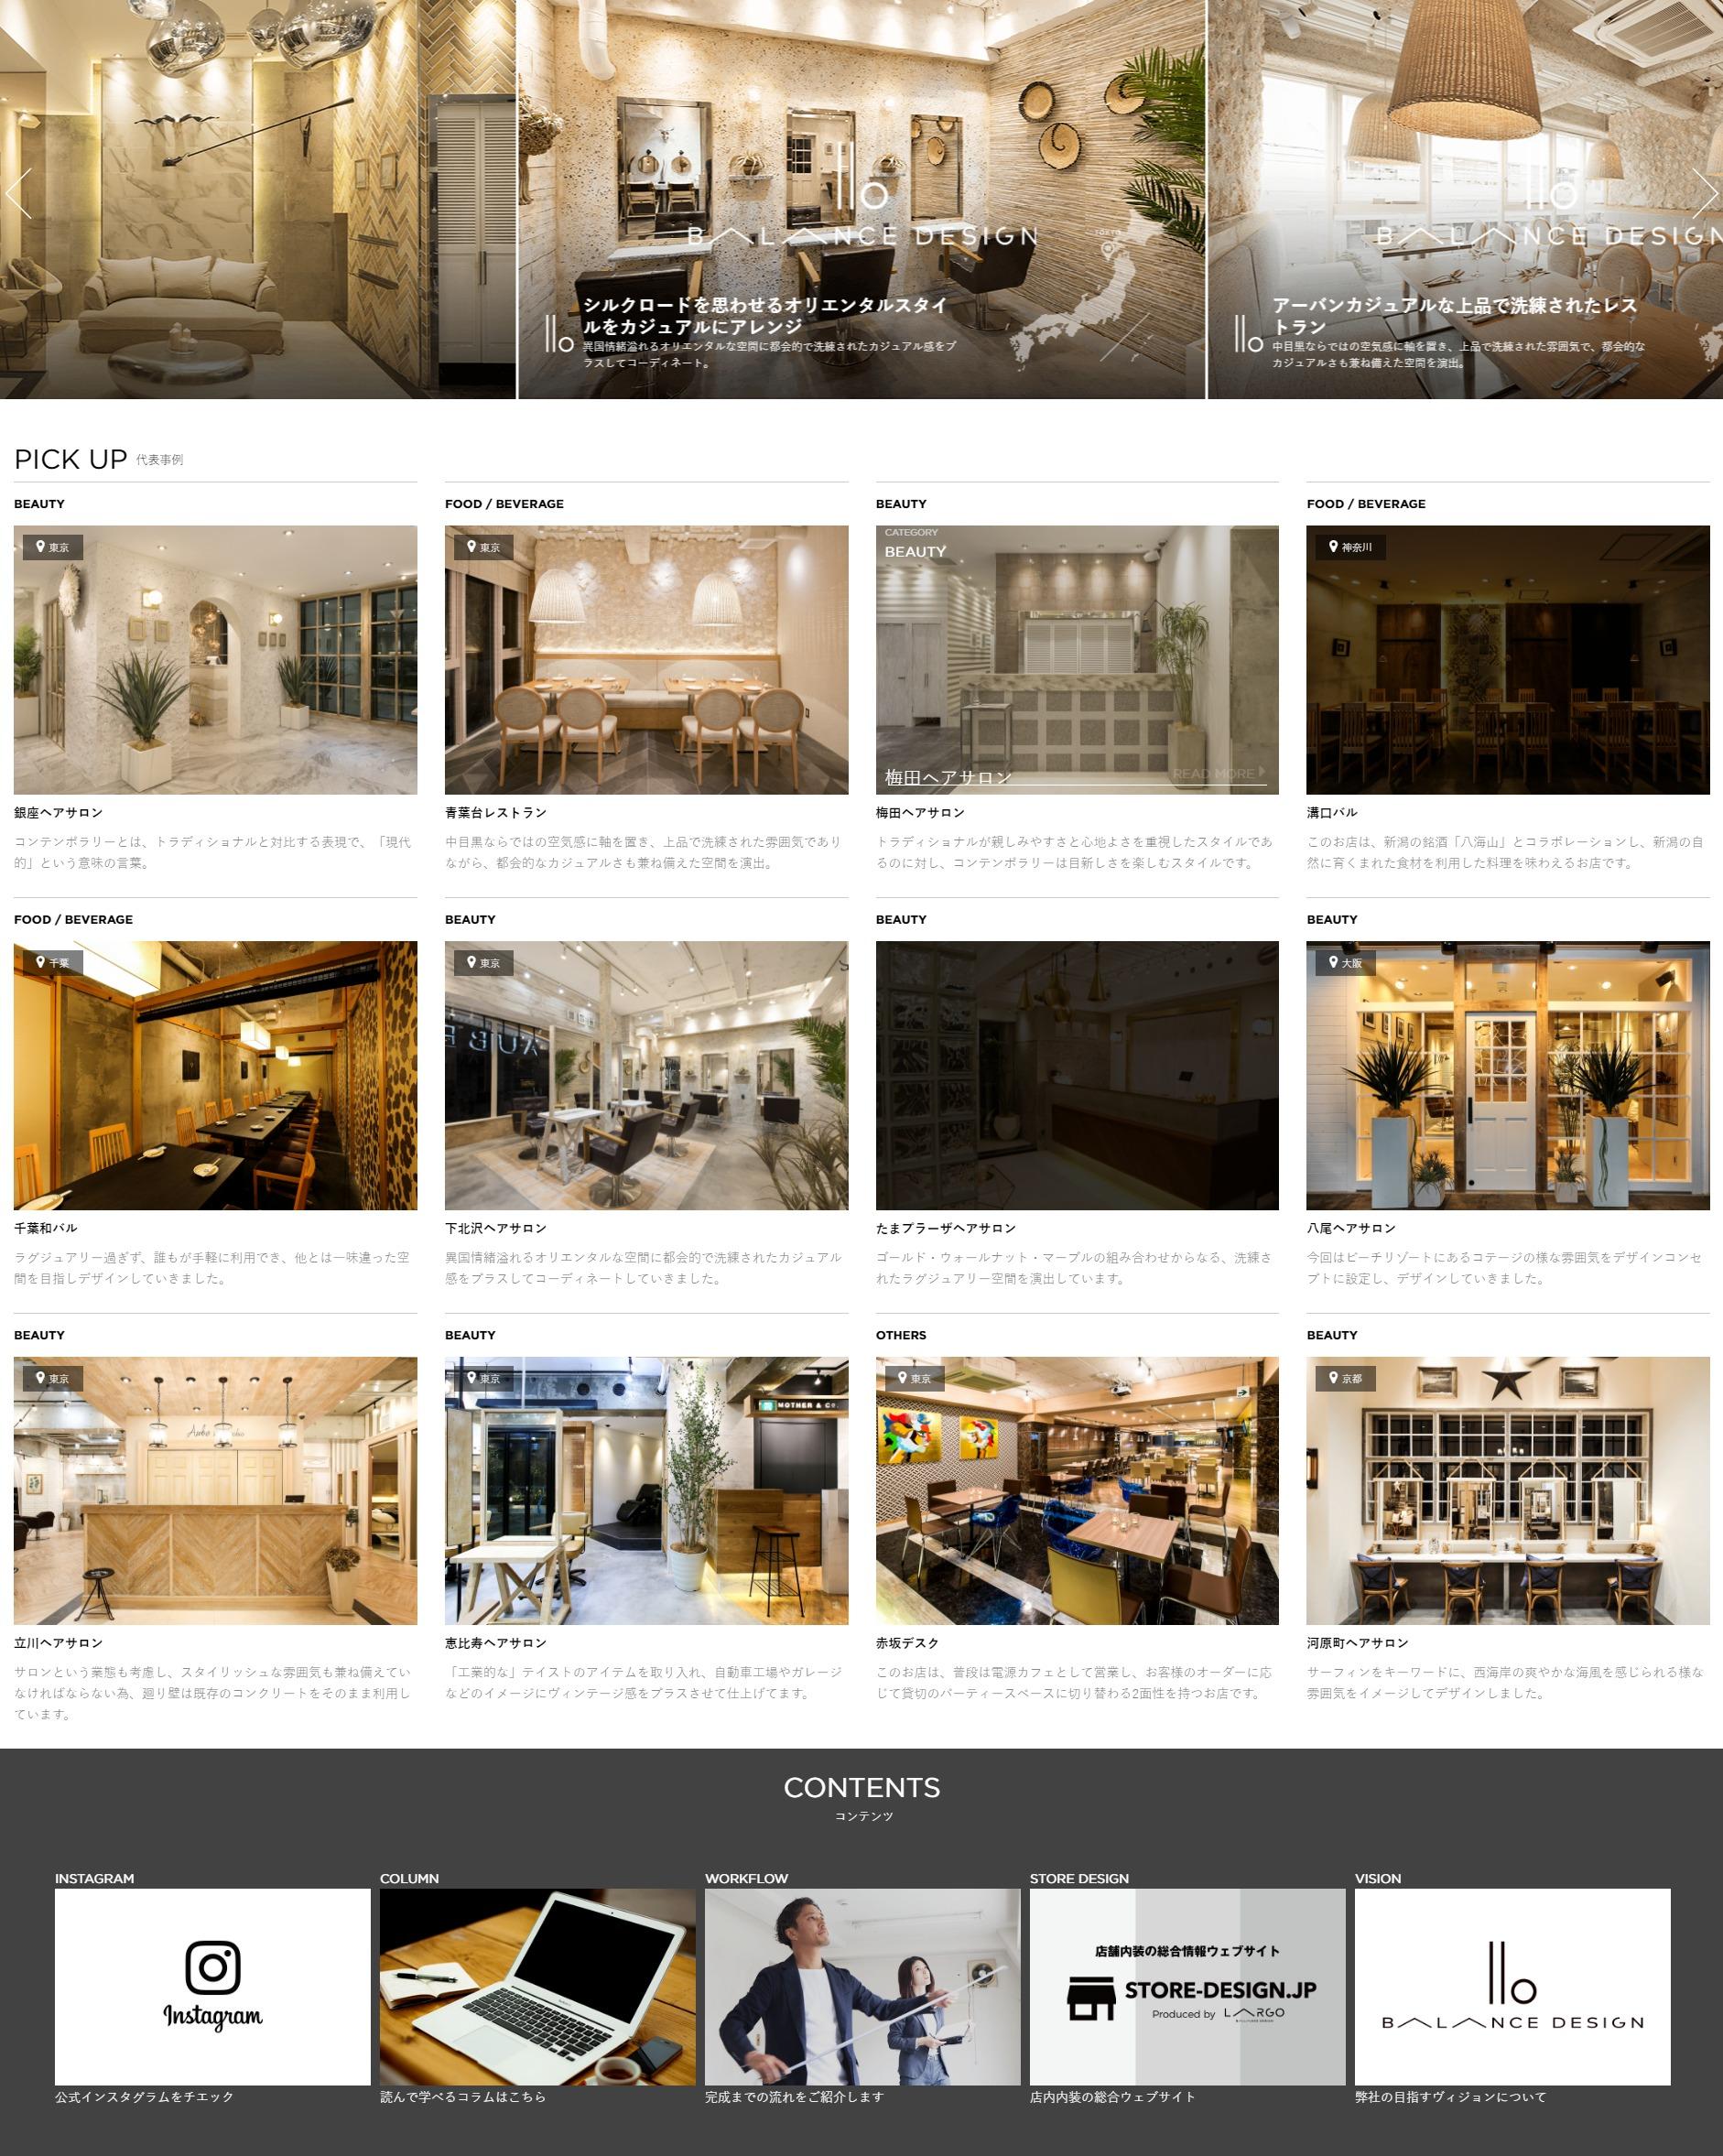 美容室やヘアサロン、飲食店の内装デザインを手がける 株式会社 Largo I バランスをデザインする会社